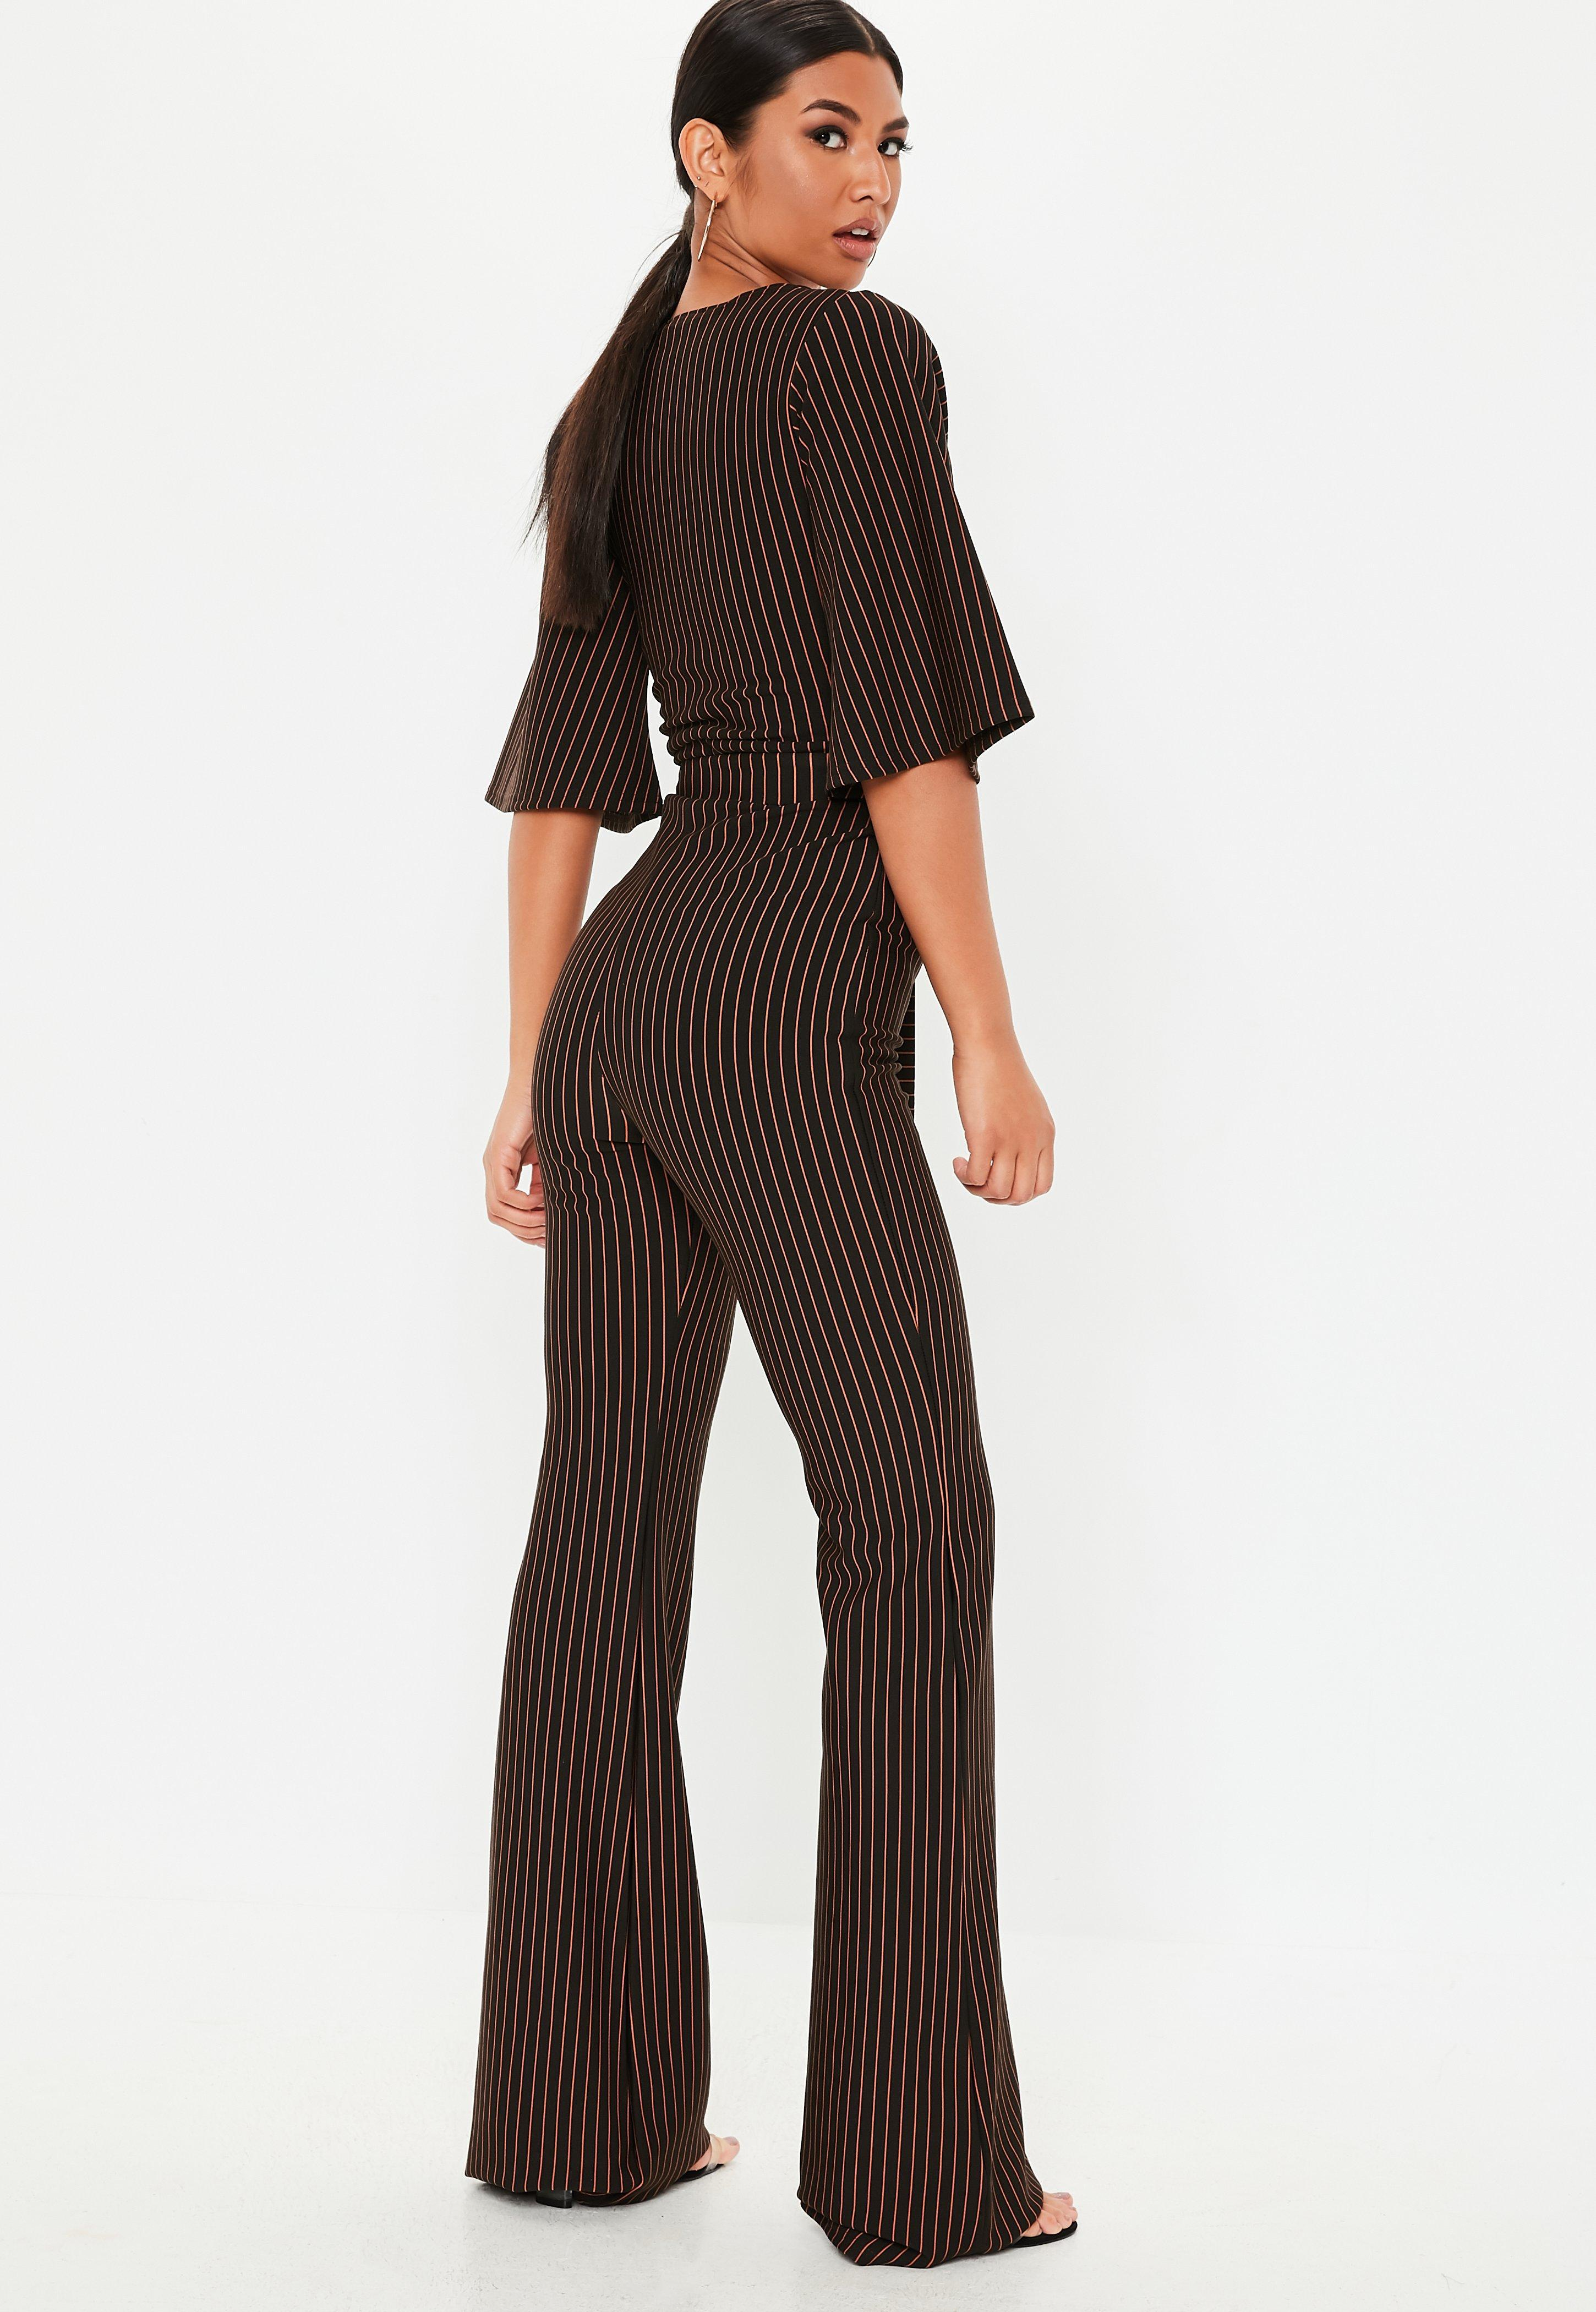 8072baed4f5 Missguided - Tall Black Stripe Kimono Sleeve Jumpsuit - Lyst. View  fullscreen